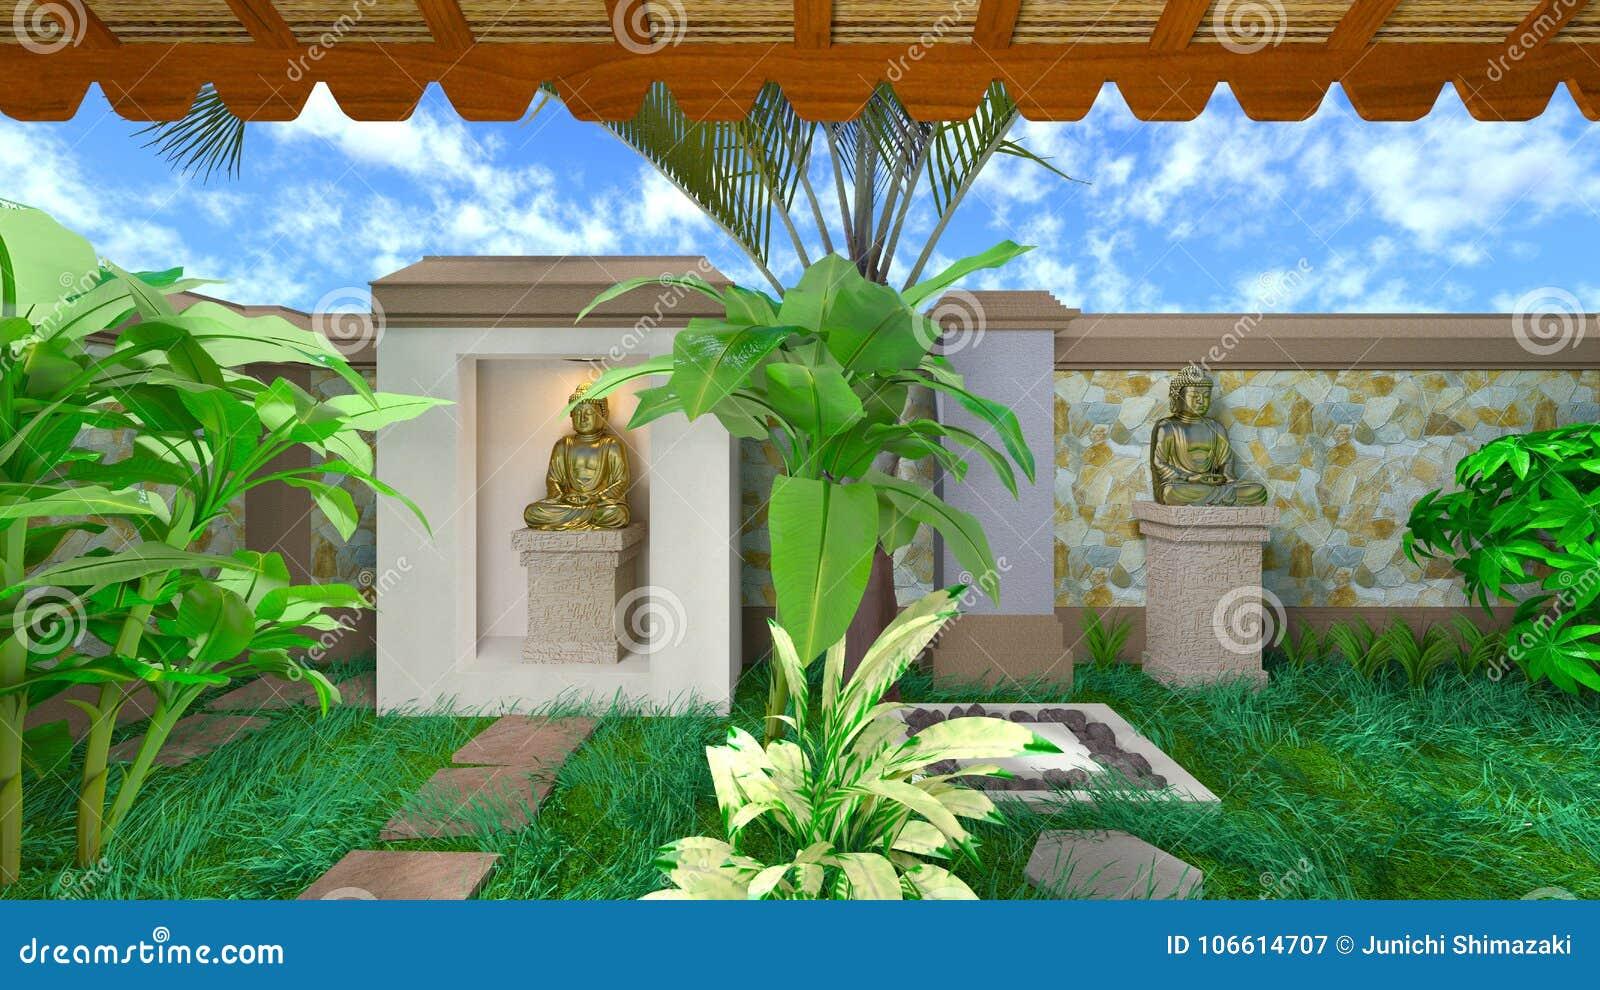 Orientalisches Badezimmer stock abbildung. Illustration von glaube ...